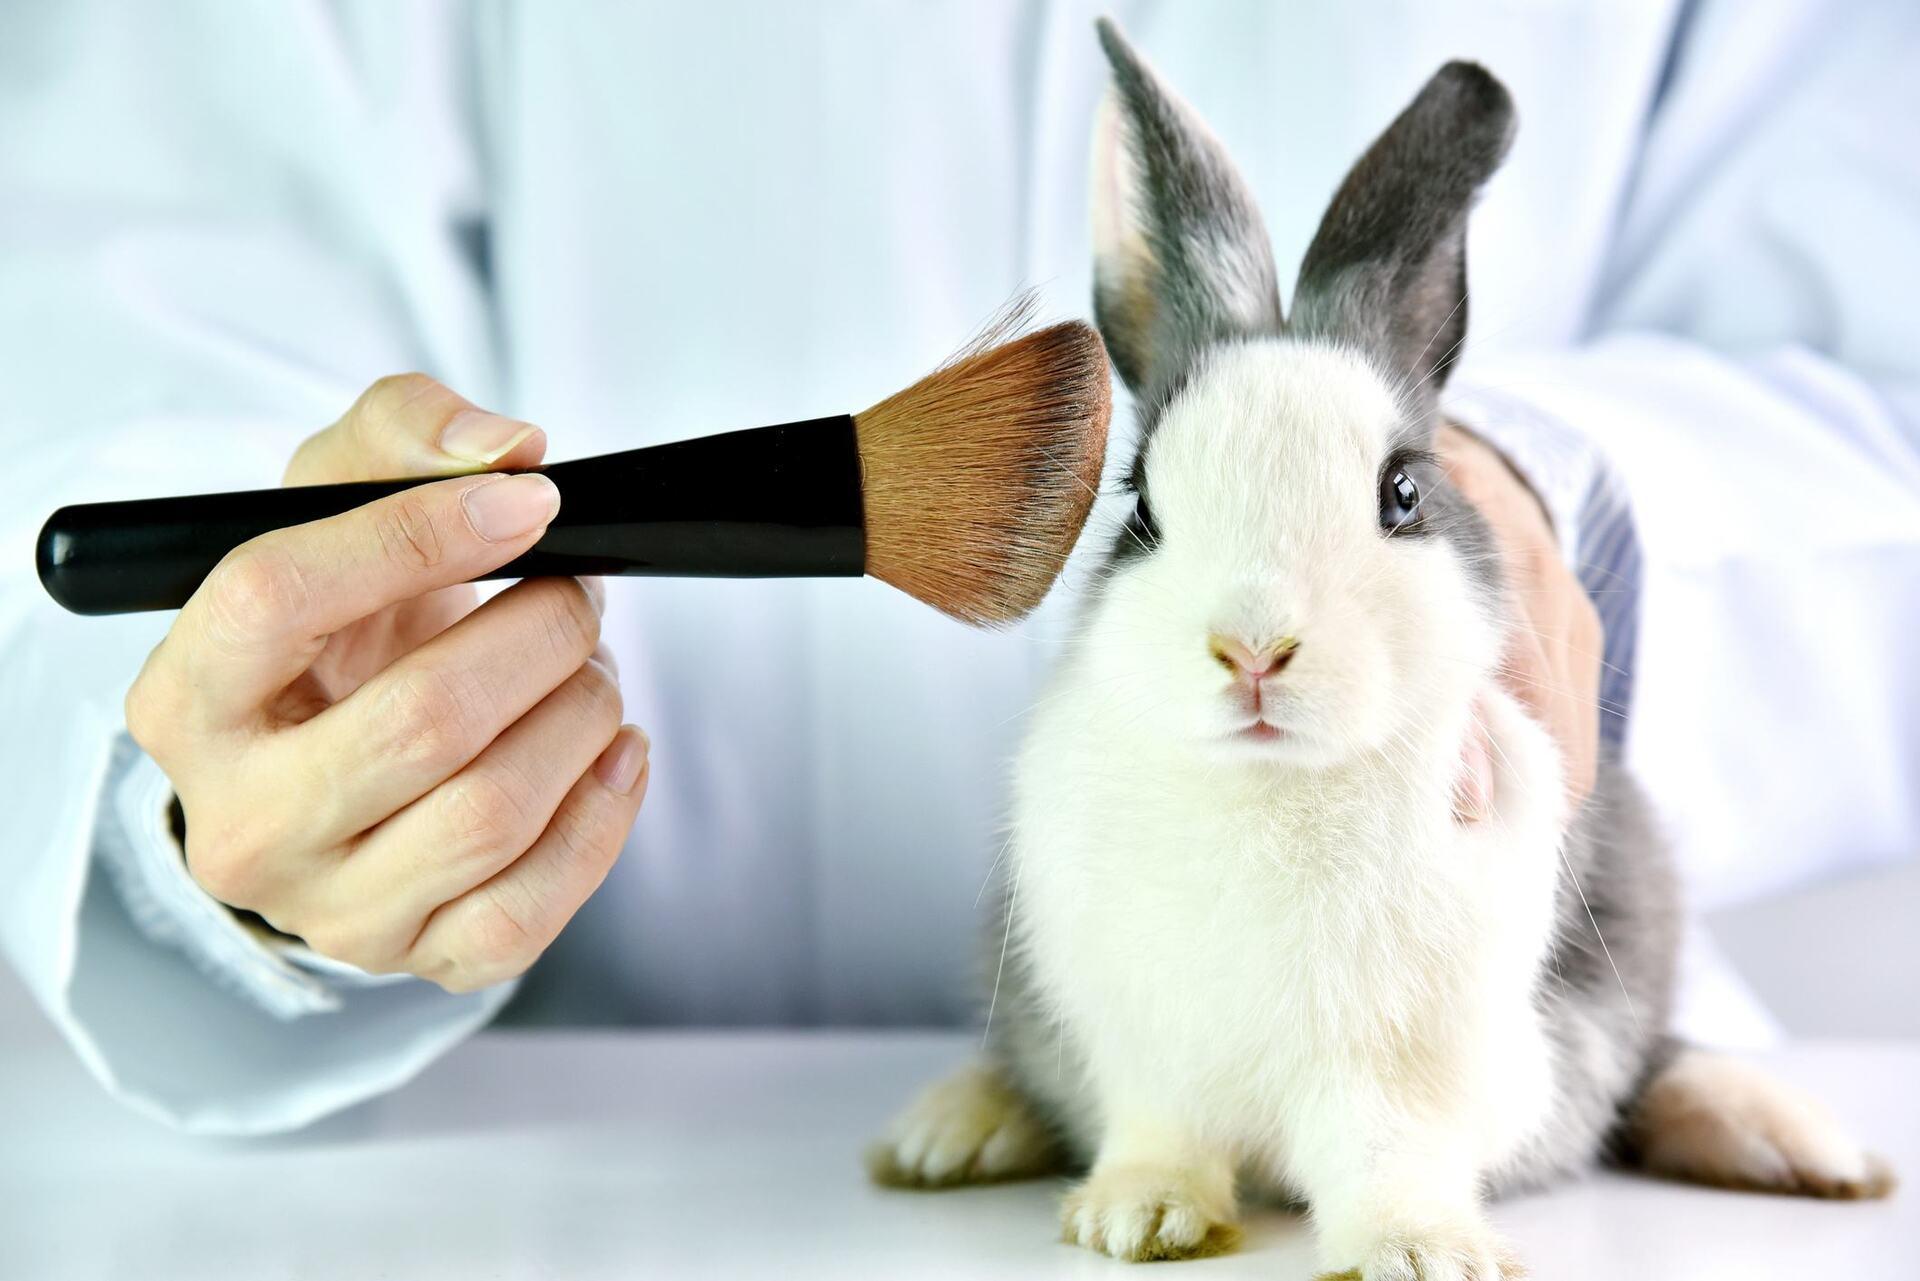 Maquiagem testada em animal